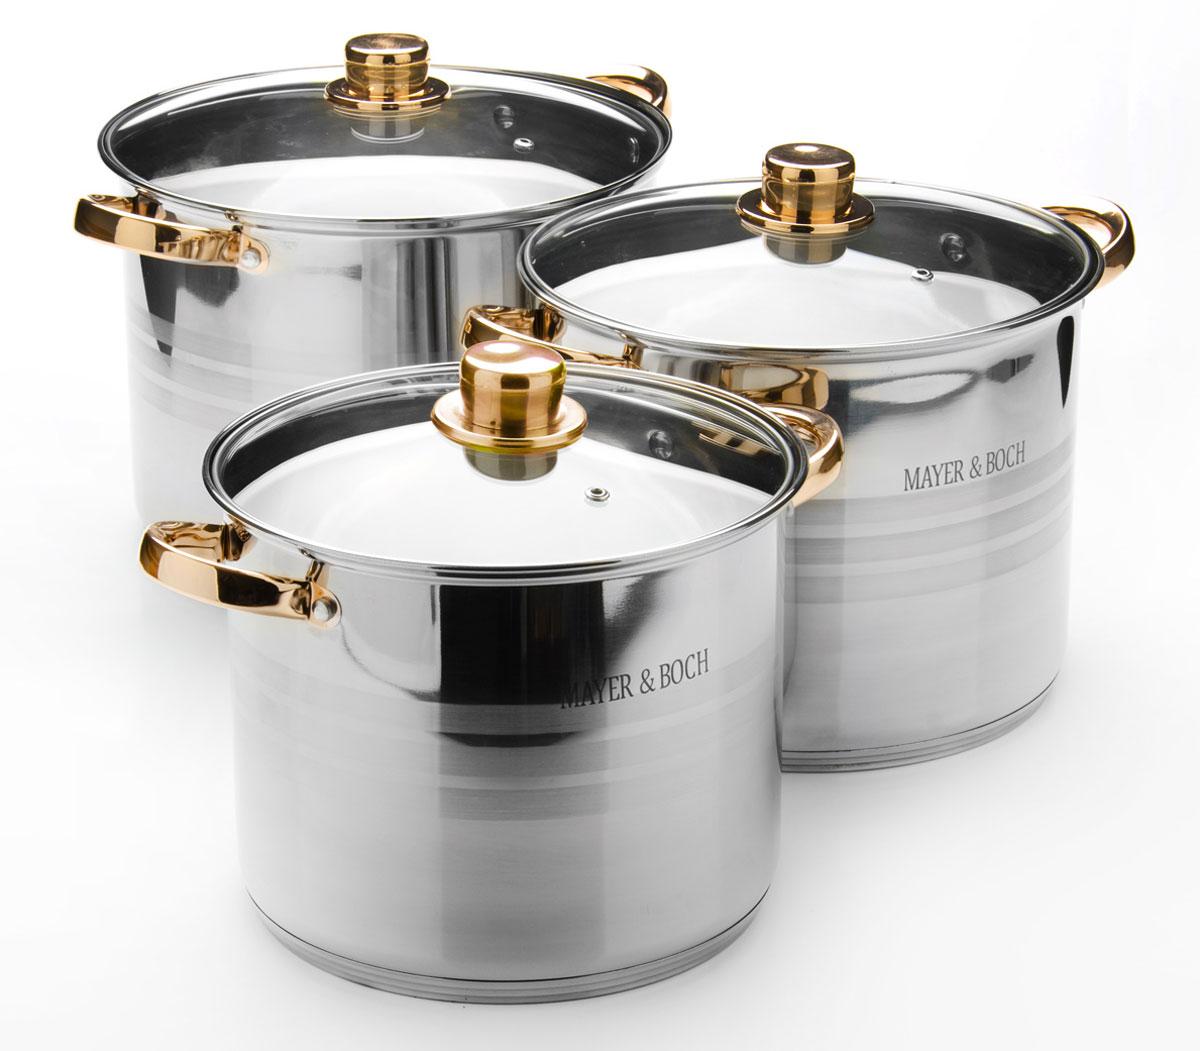 Набор посуды Mayer & Boch. 26032260326,8+8,6+10,8л